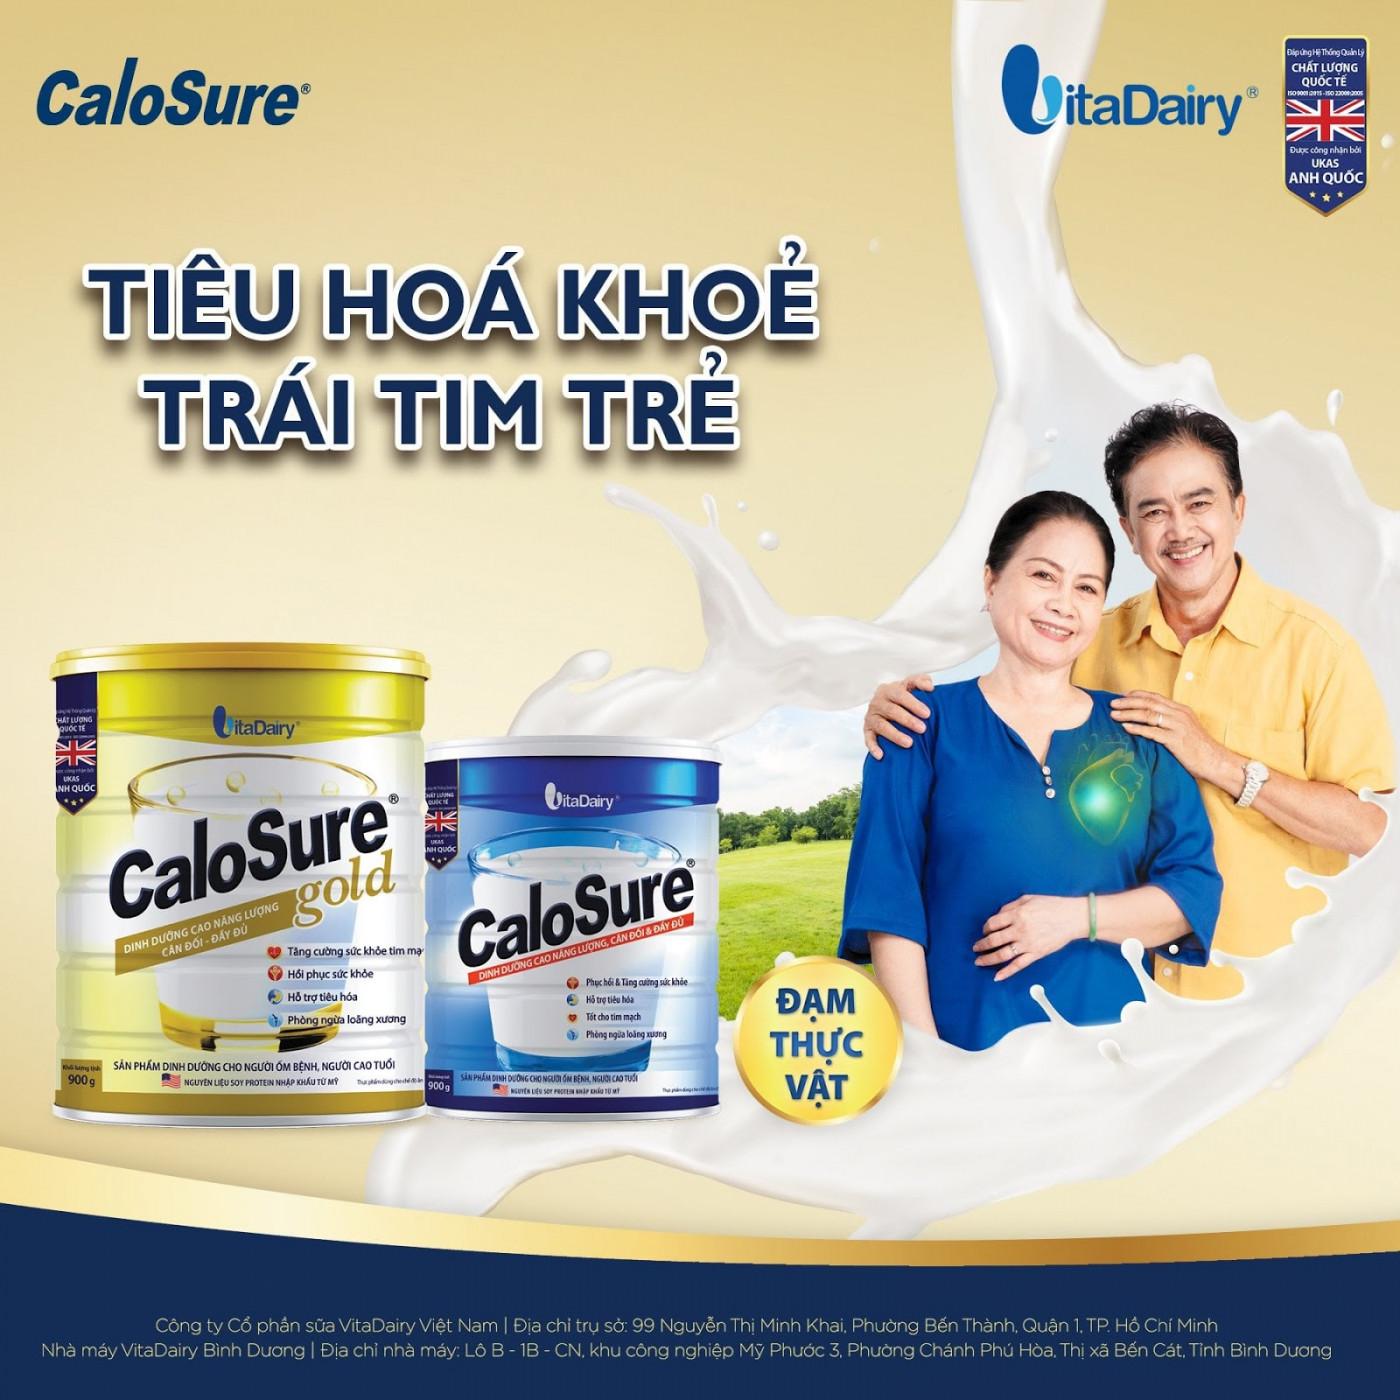 Dòng sữa cho người bị cao huyết áp CaloSure được nhiều người tin dùng